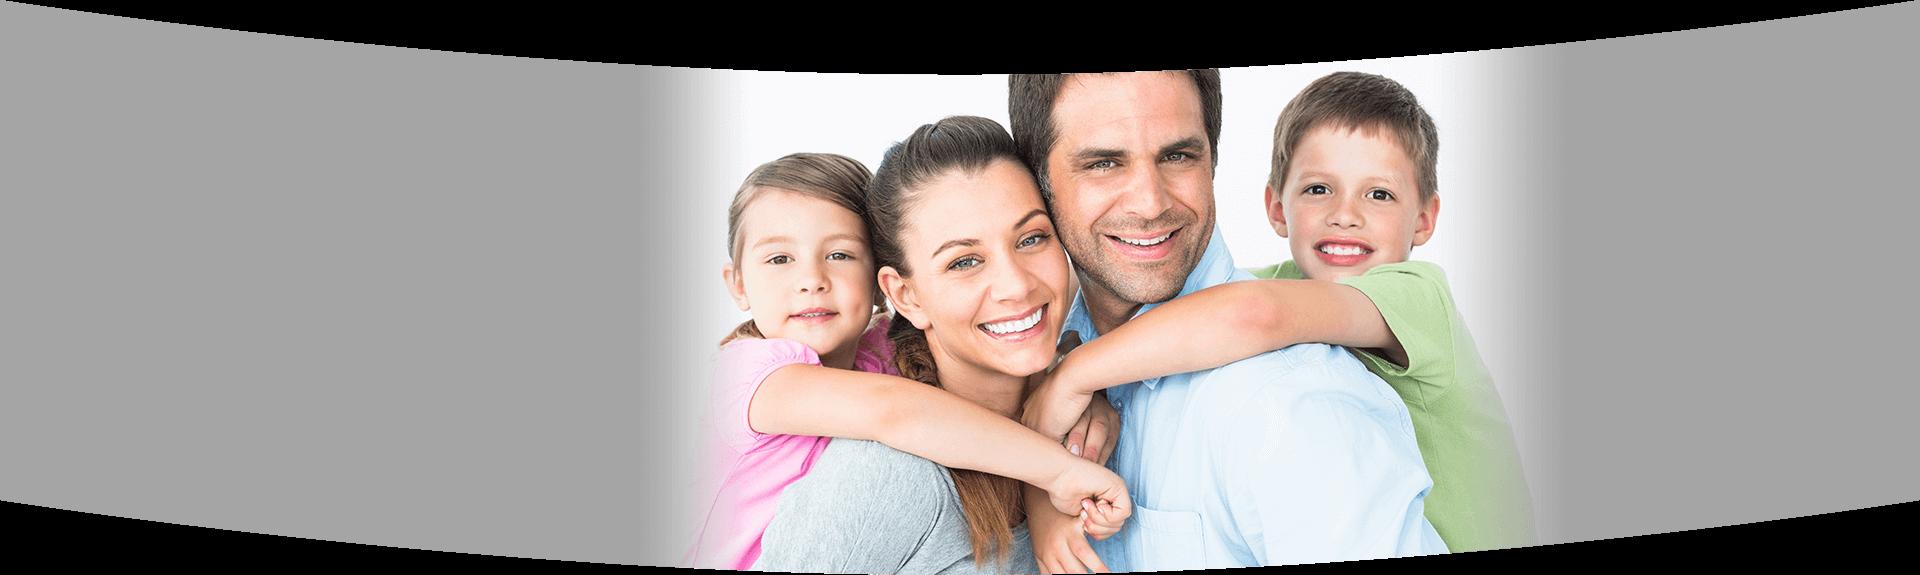 Dentist Calgary - Happy family 2